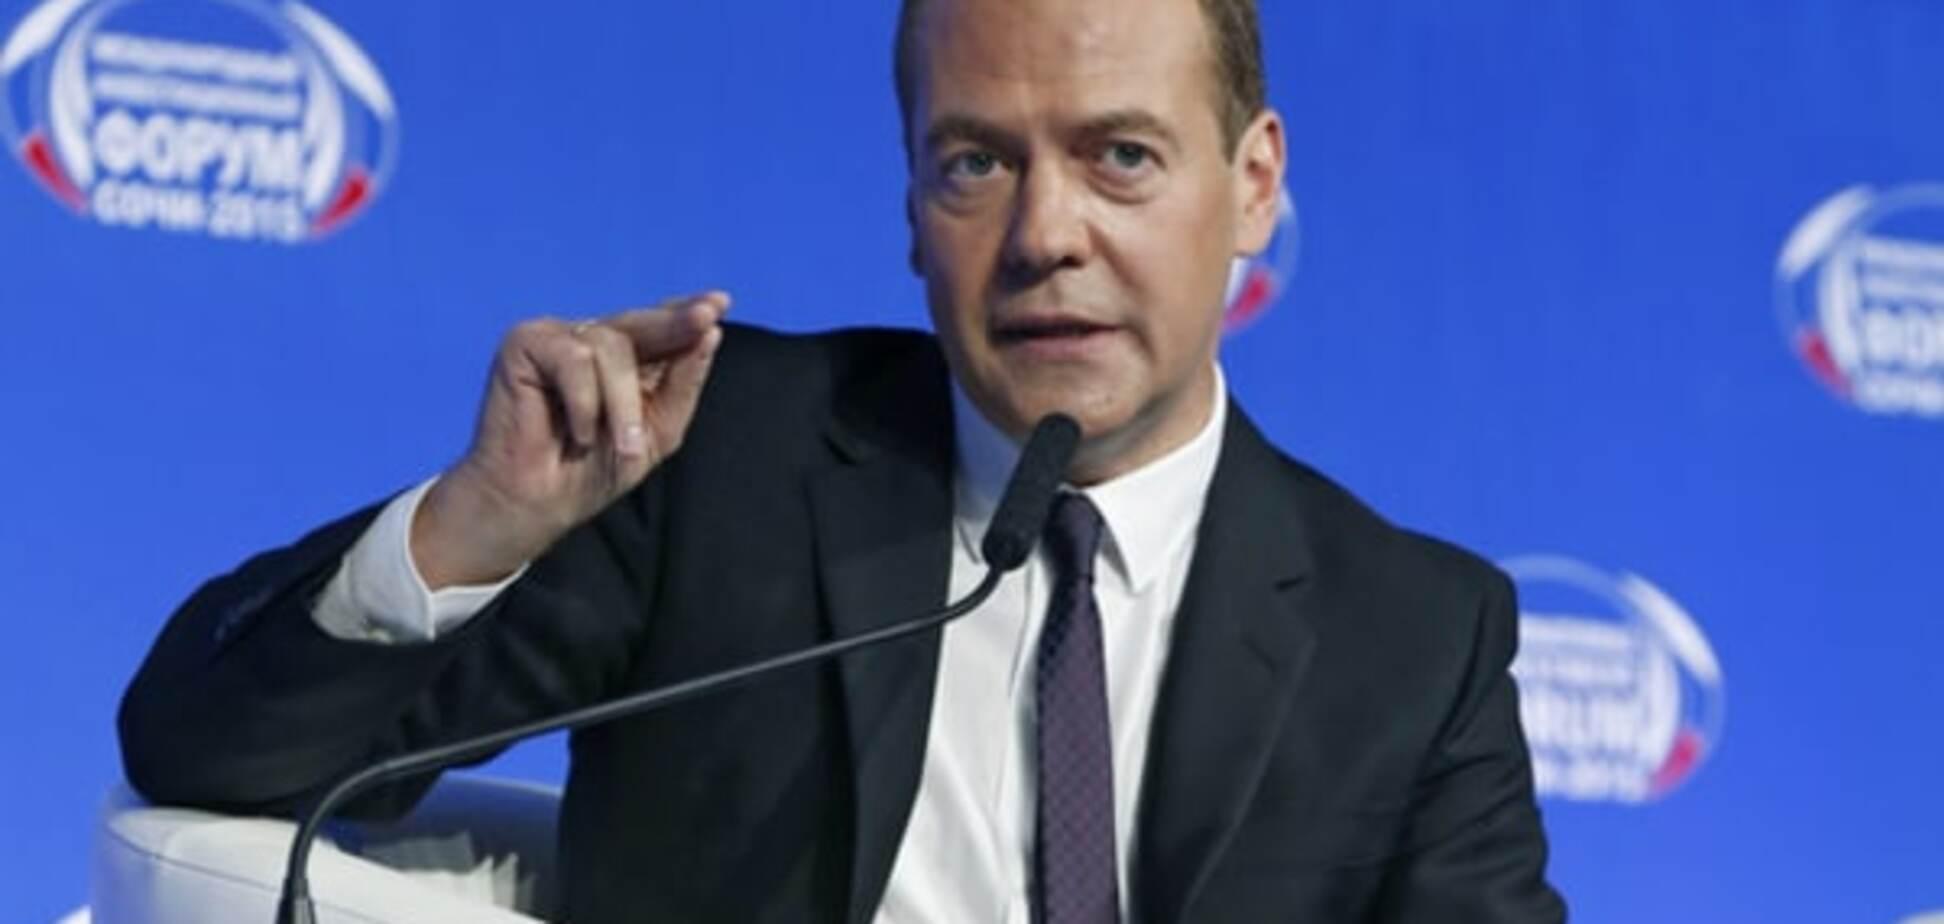 'Кругом предатели!' У Медведева назвали новую версию крушения А321